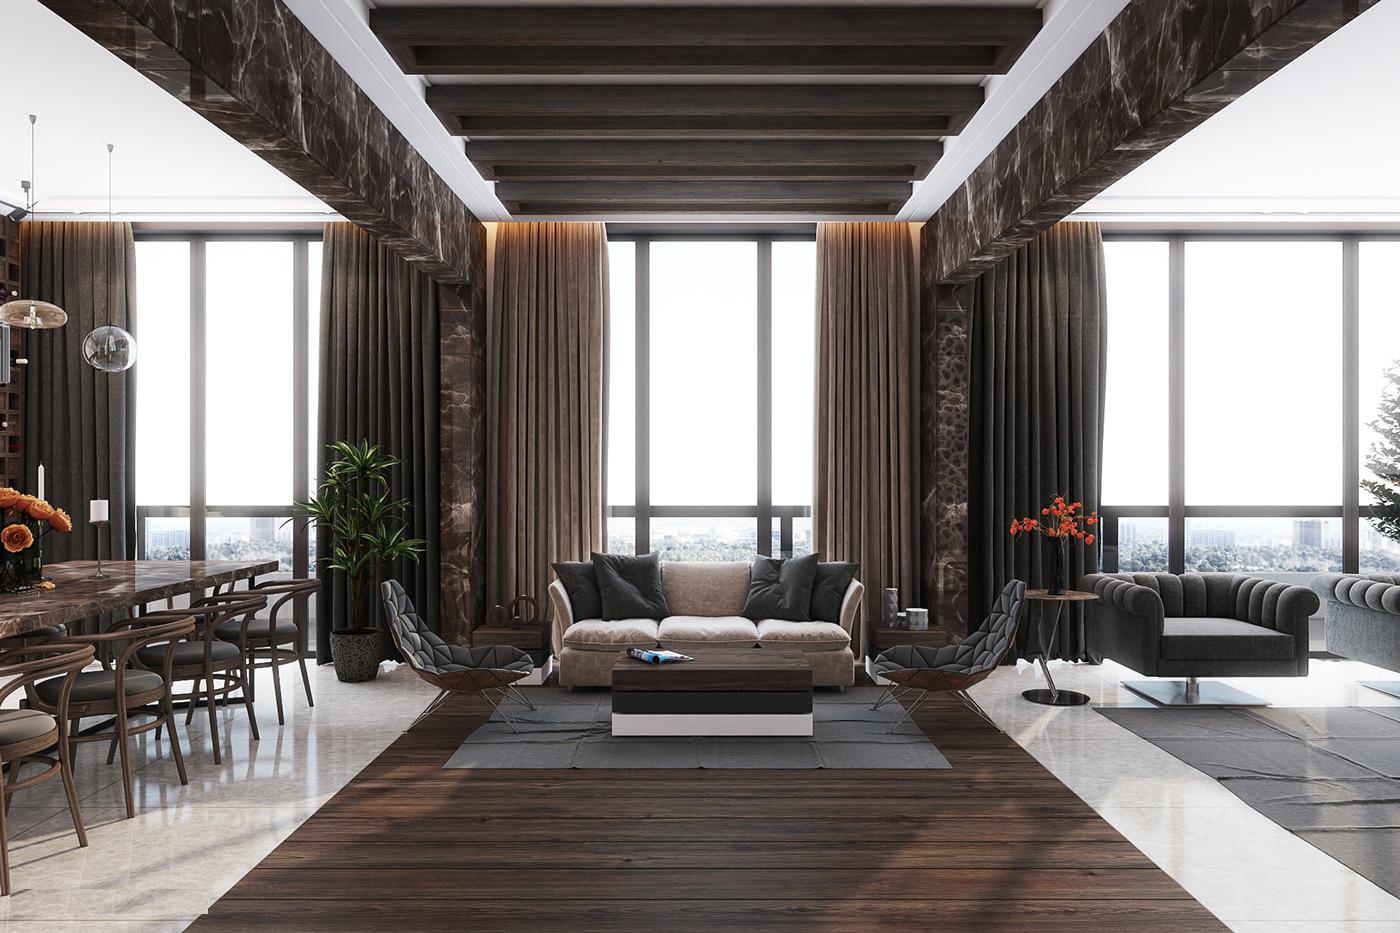 Thiết kế căn hộ pnethouse hiện đại tiện lợi